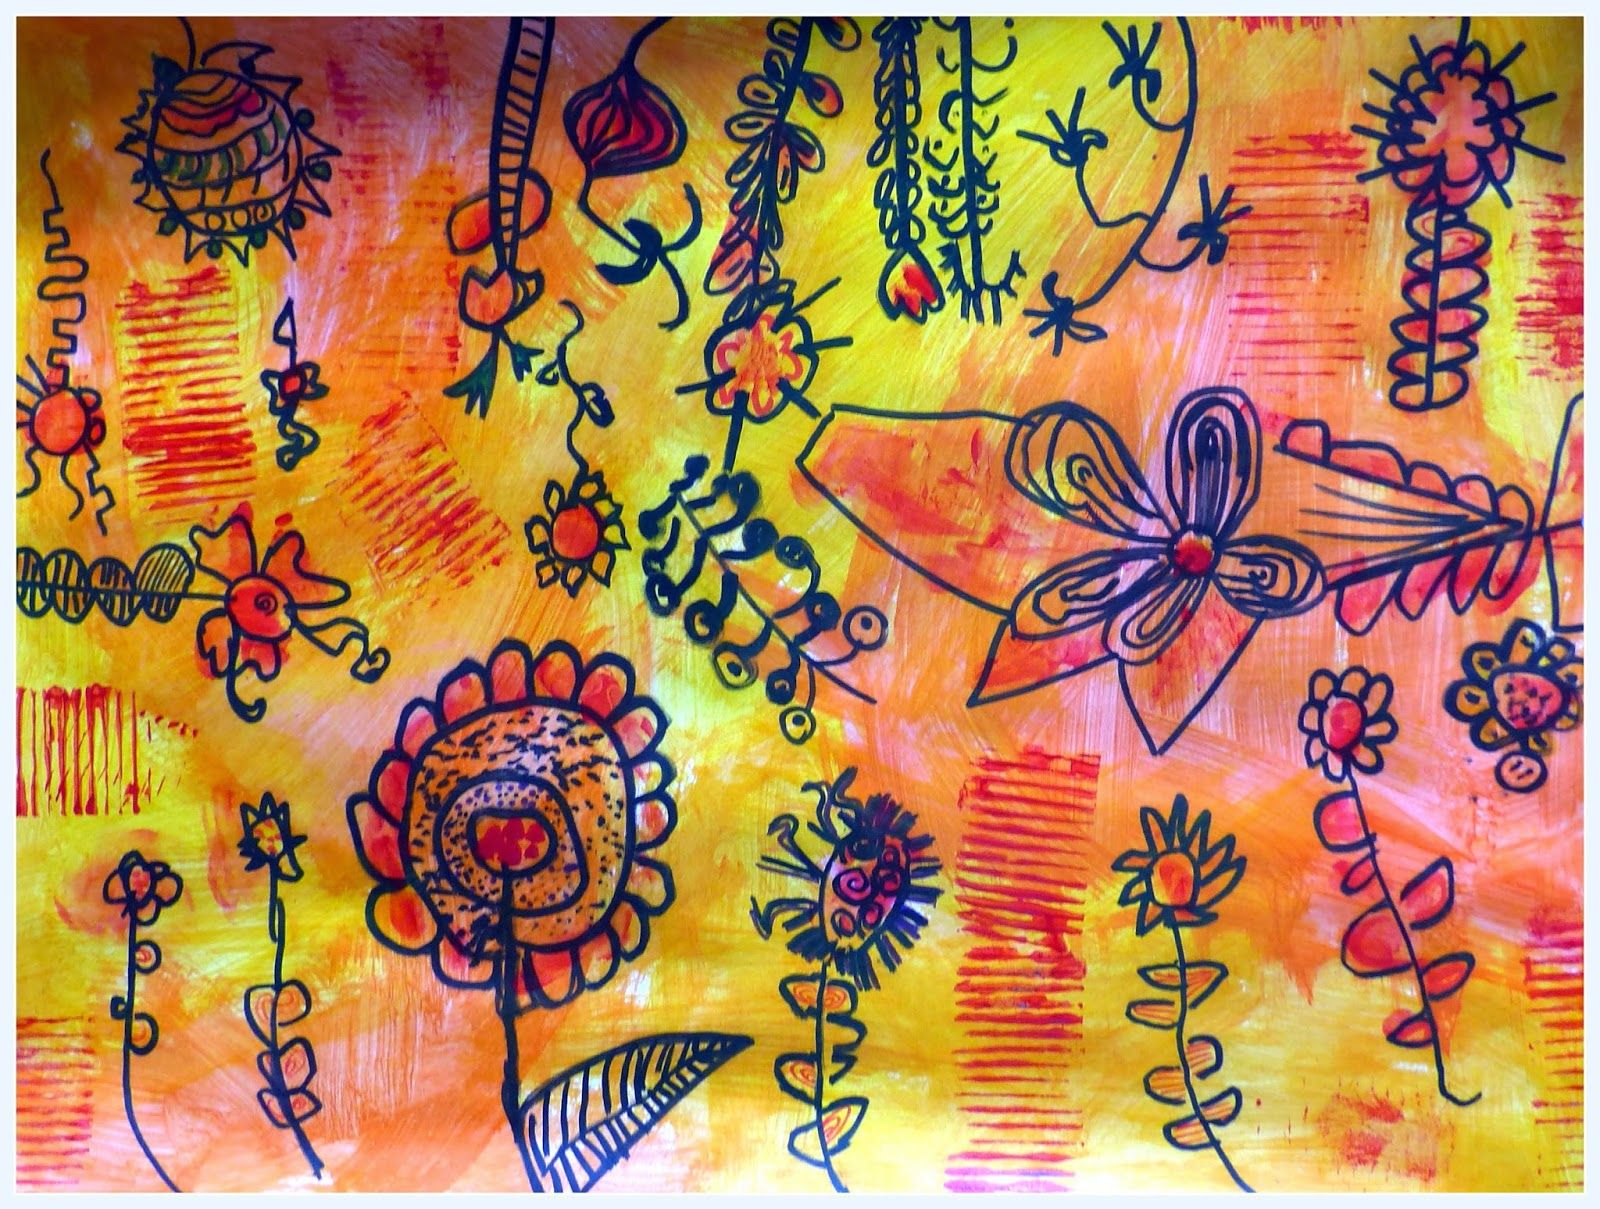 Fleurs du printemps en gs ecole le printemps - Le printemps gs ...